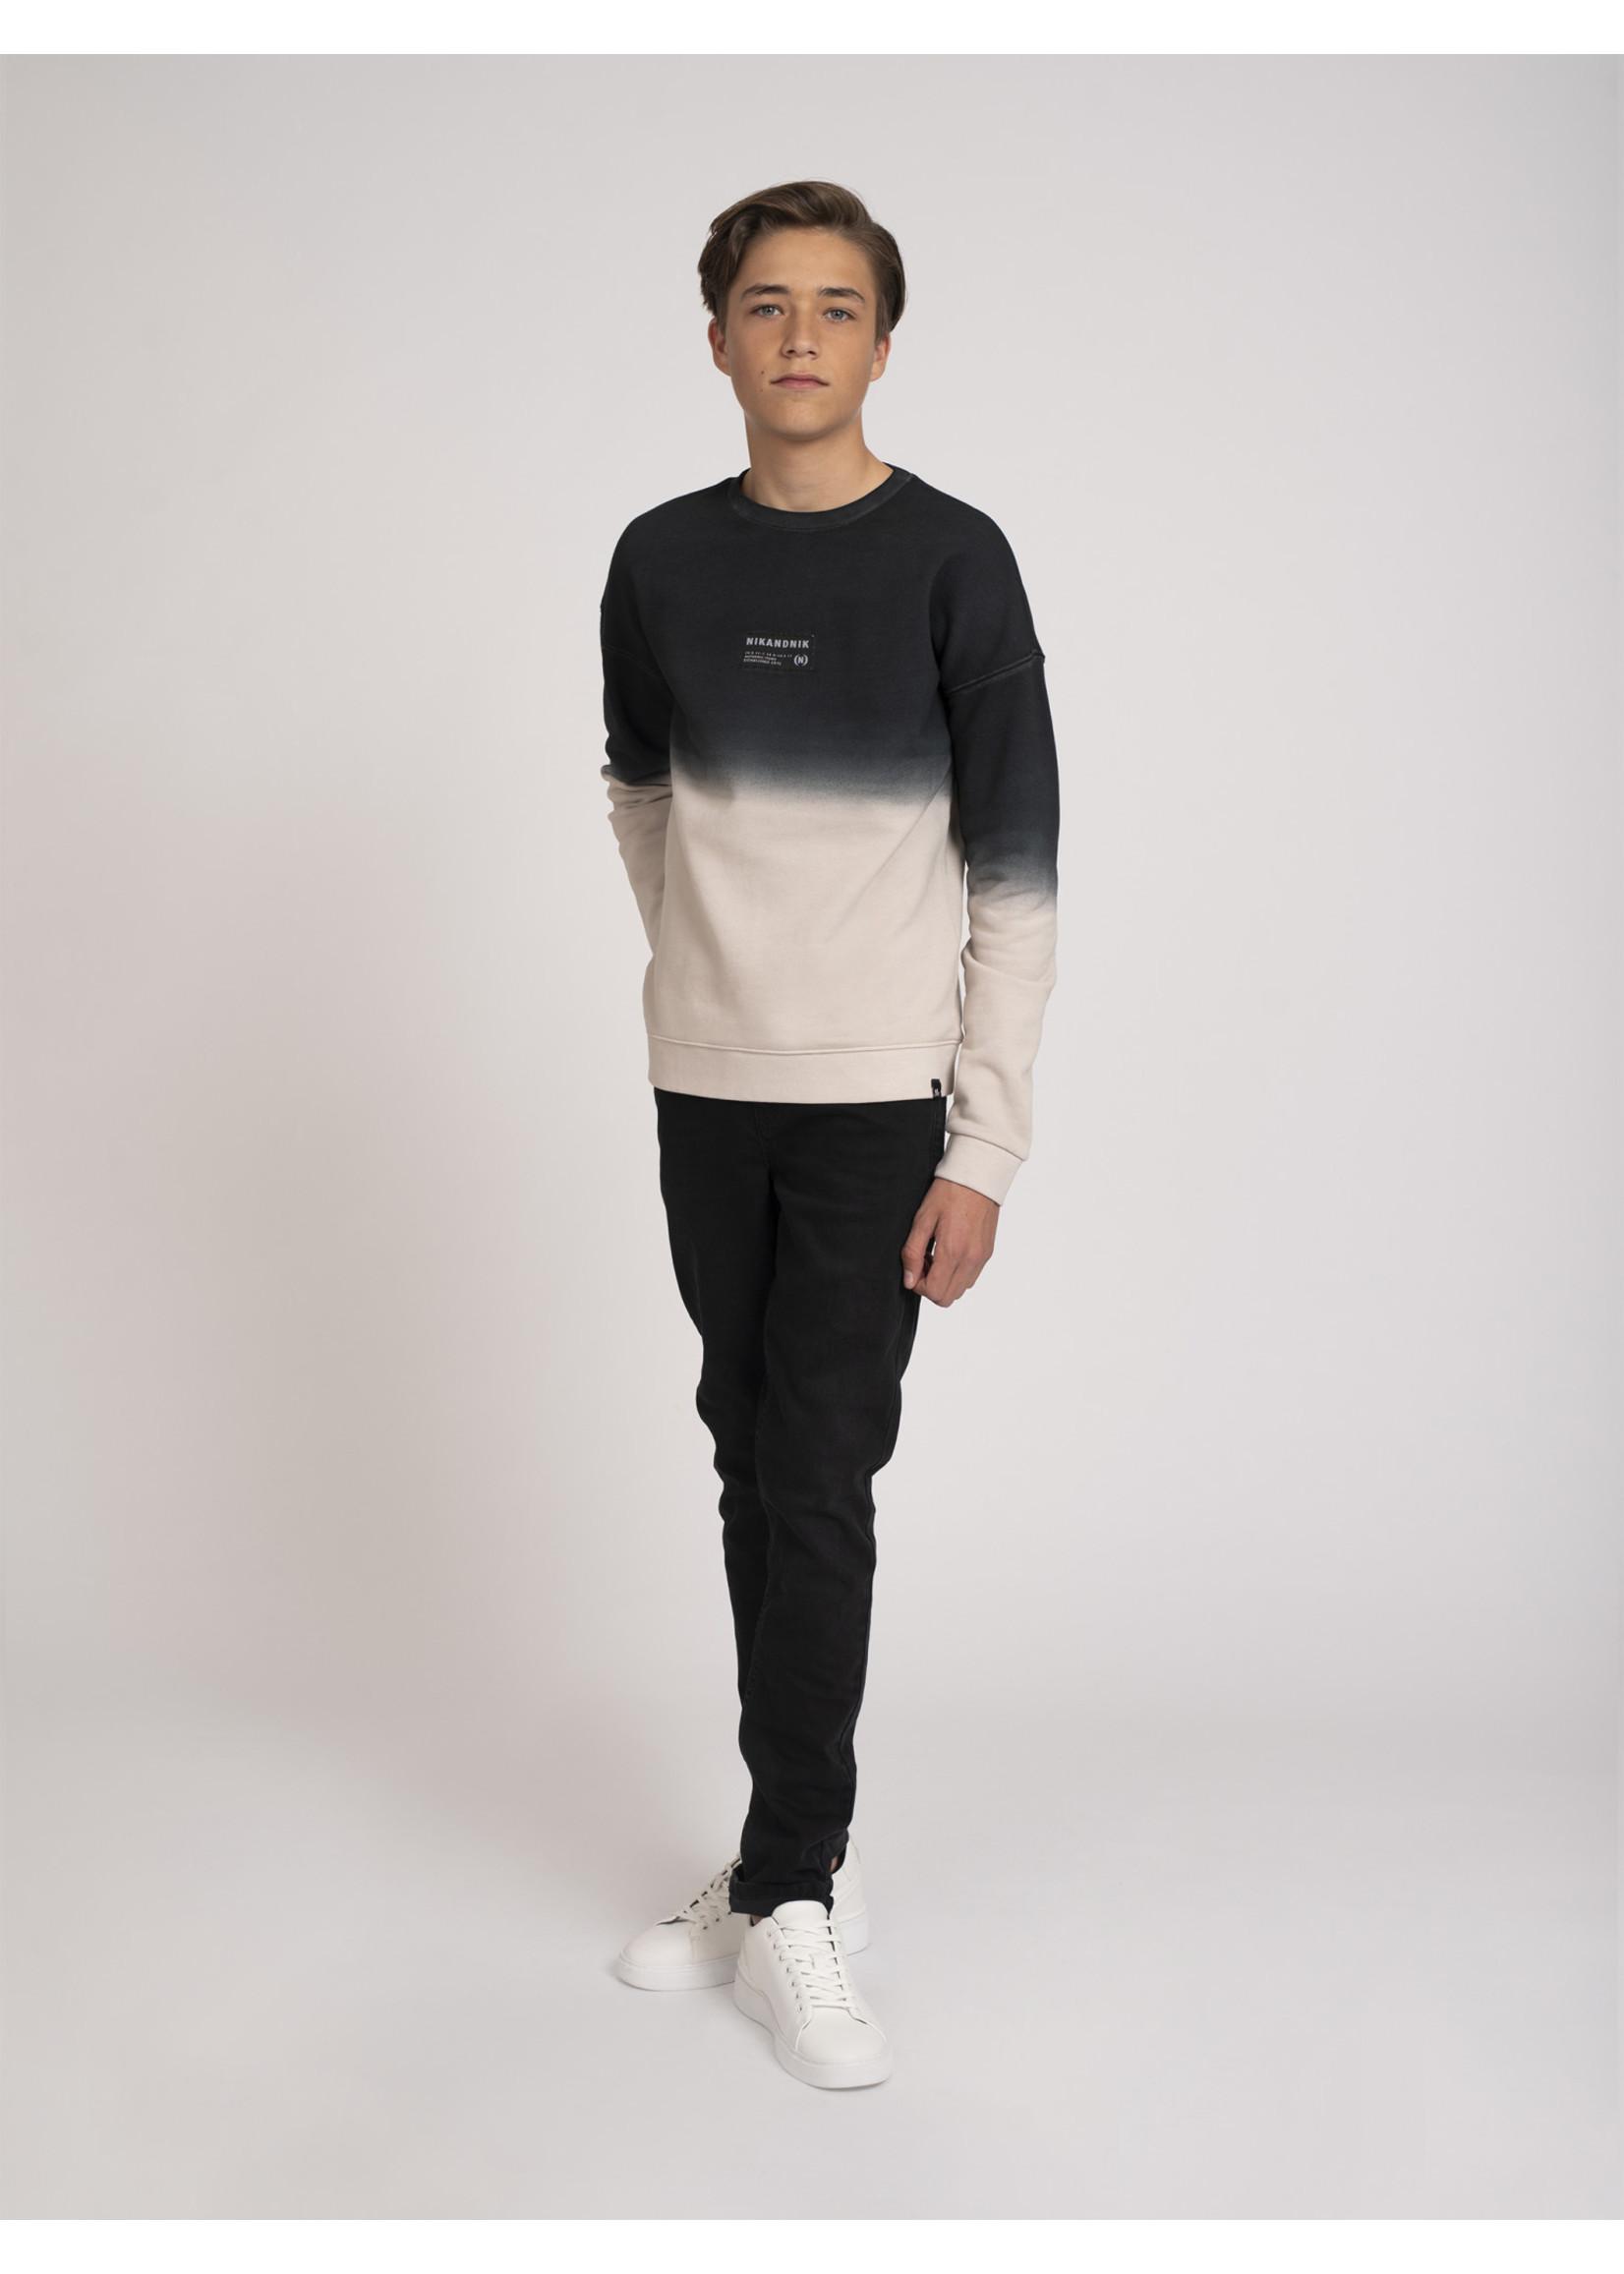 NIK&NIK Nik&Nik Dennis Sweater - Light Beige